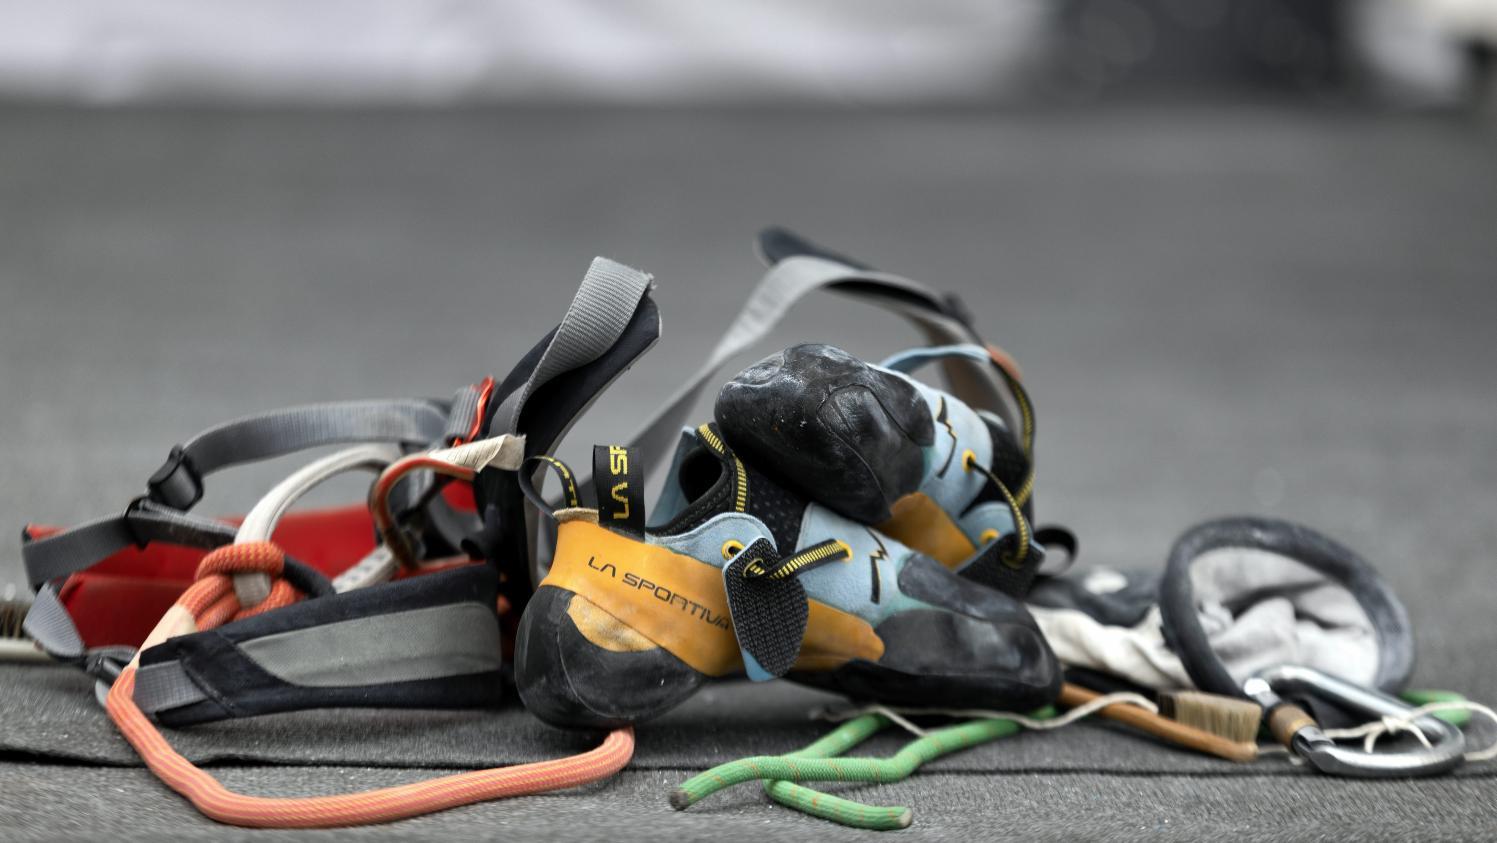 Abus sexuels dans le sport : quatre plaintes visent des encadrants et un président de club d'escalade